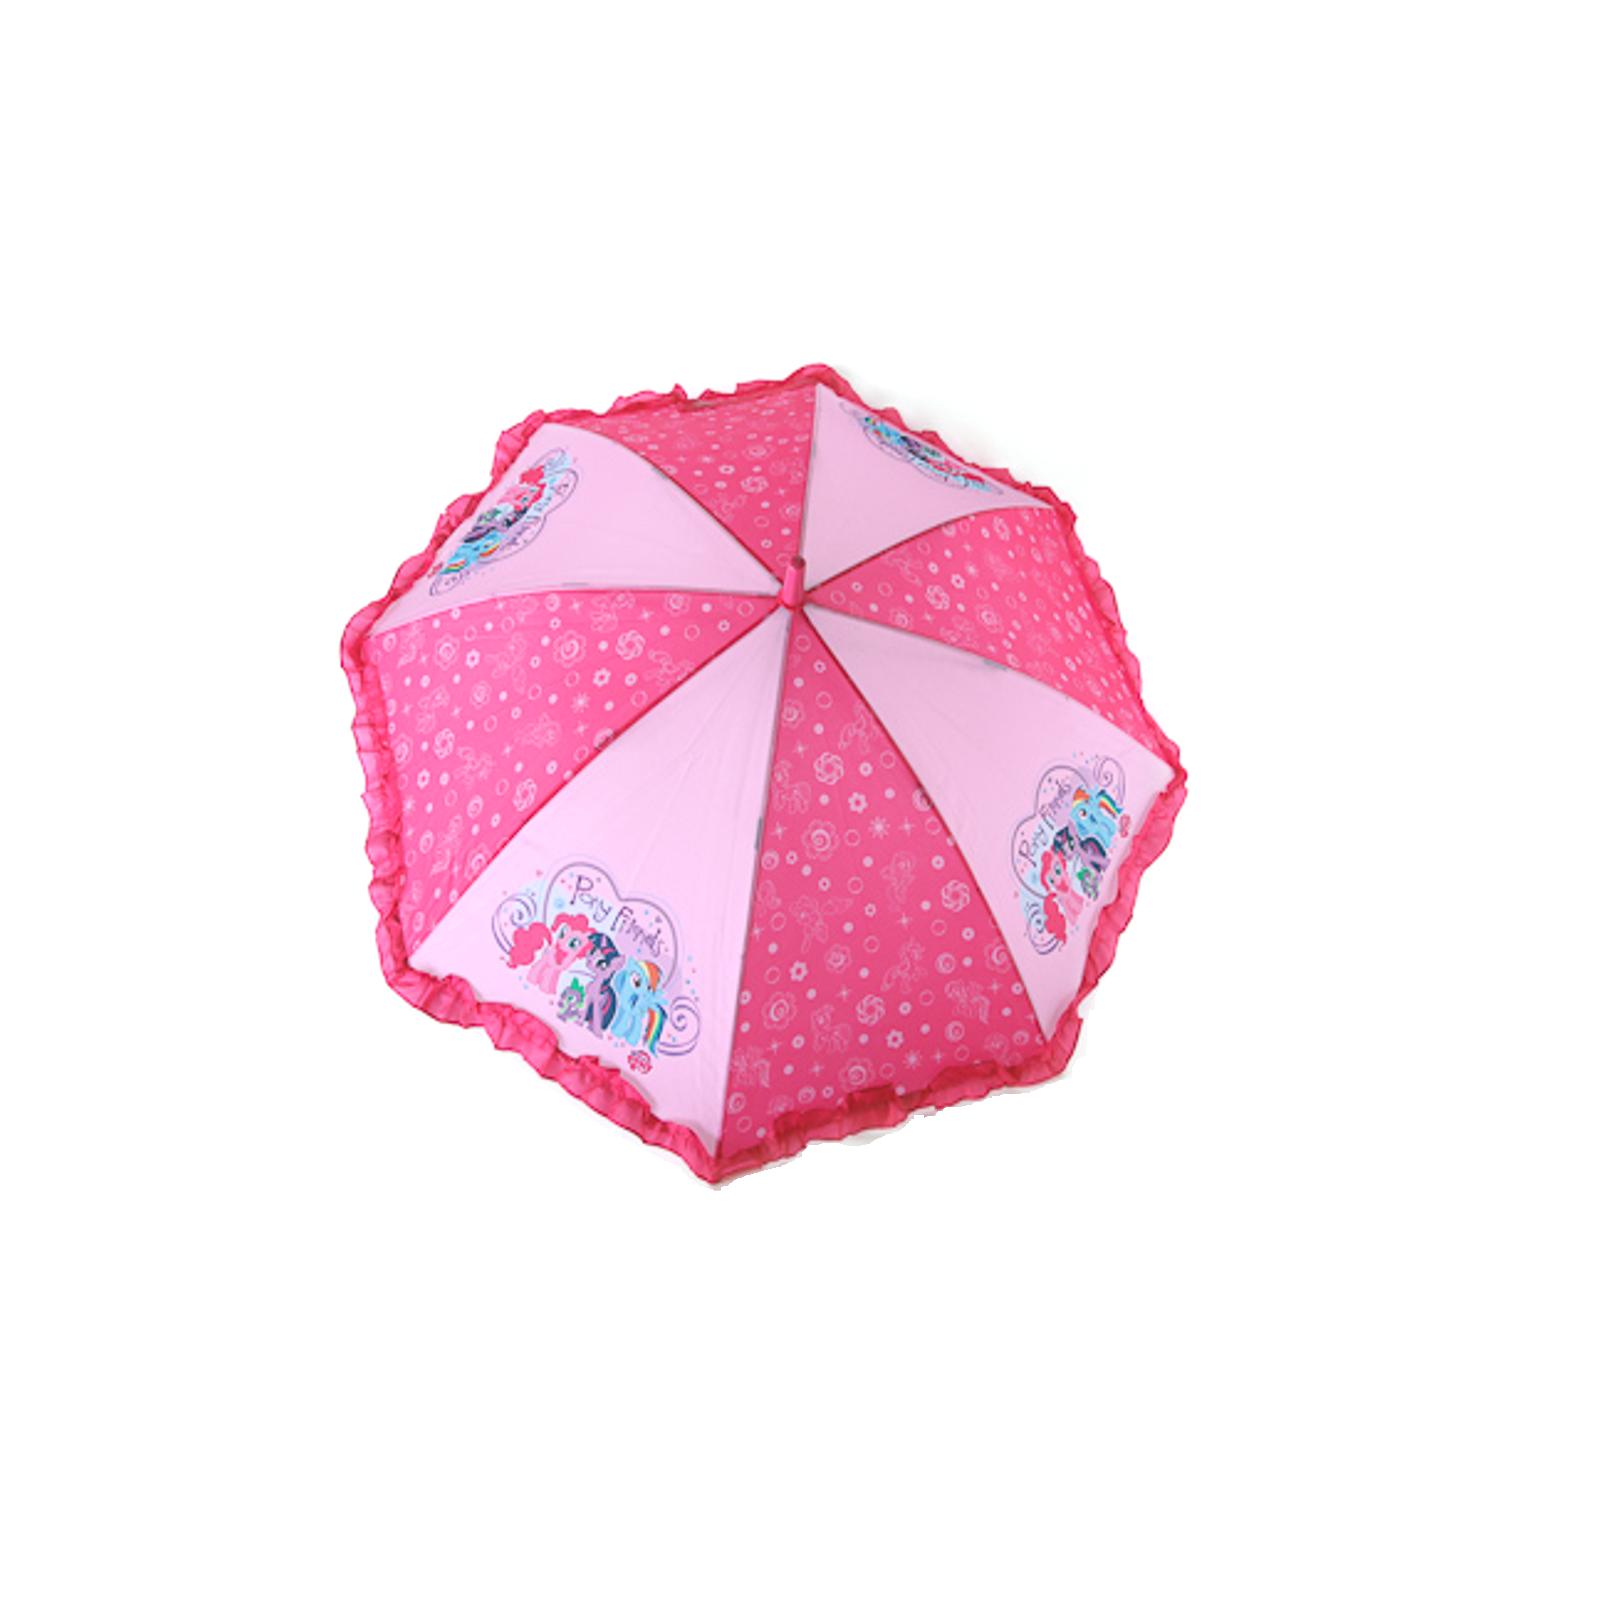 Зонт My Little Pony Розовый с оборкой 18 см.